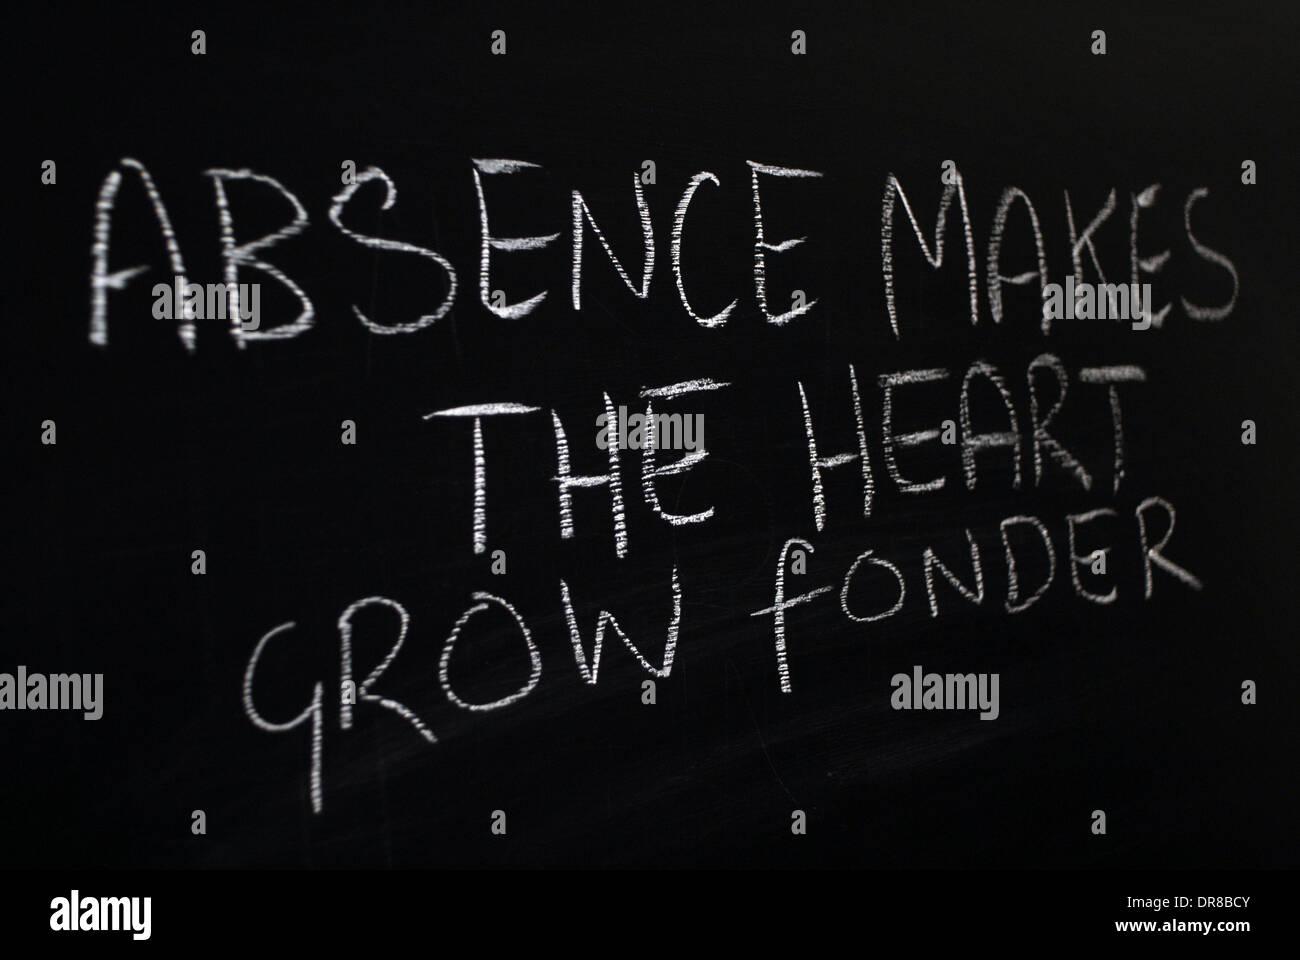 L'écriture à la craie - absence fait le coeur grandir fonder. - Mots écrits sur tableau noir. Photo Stock